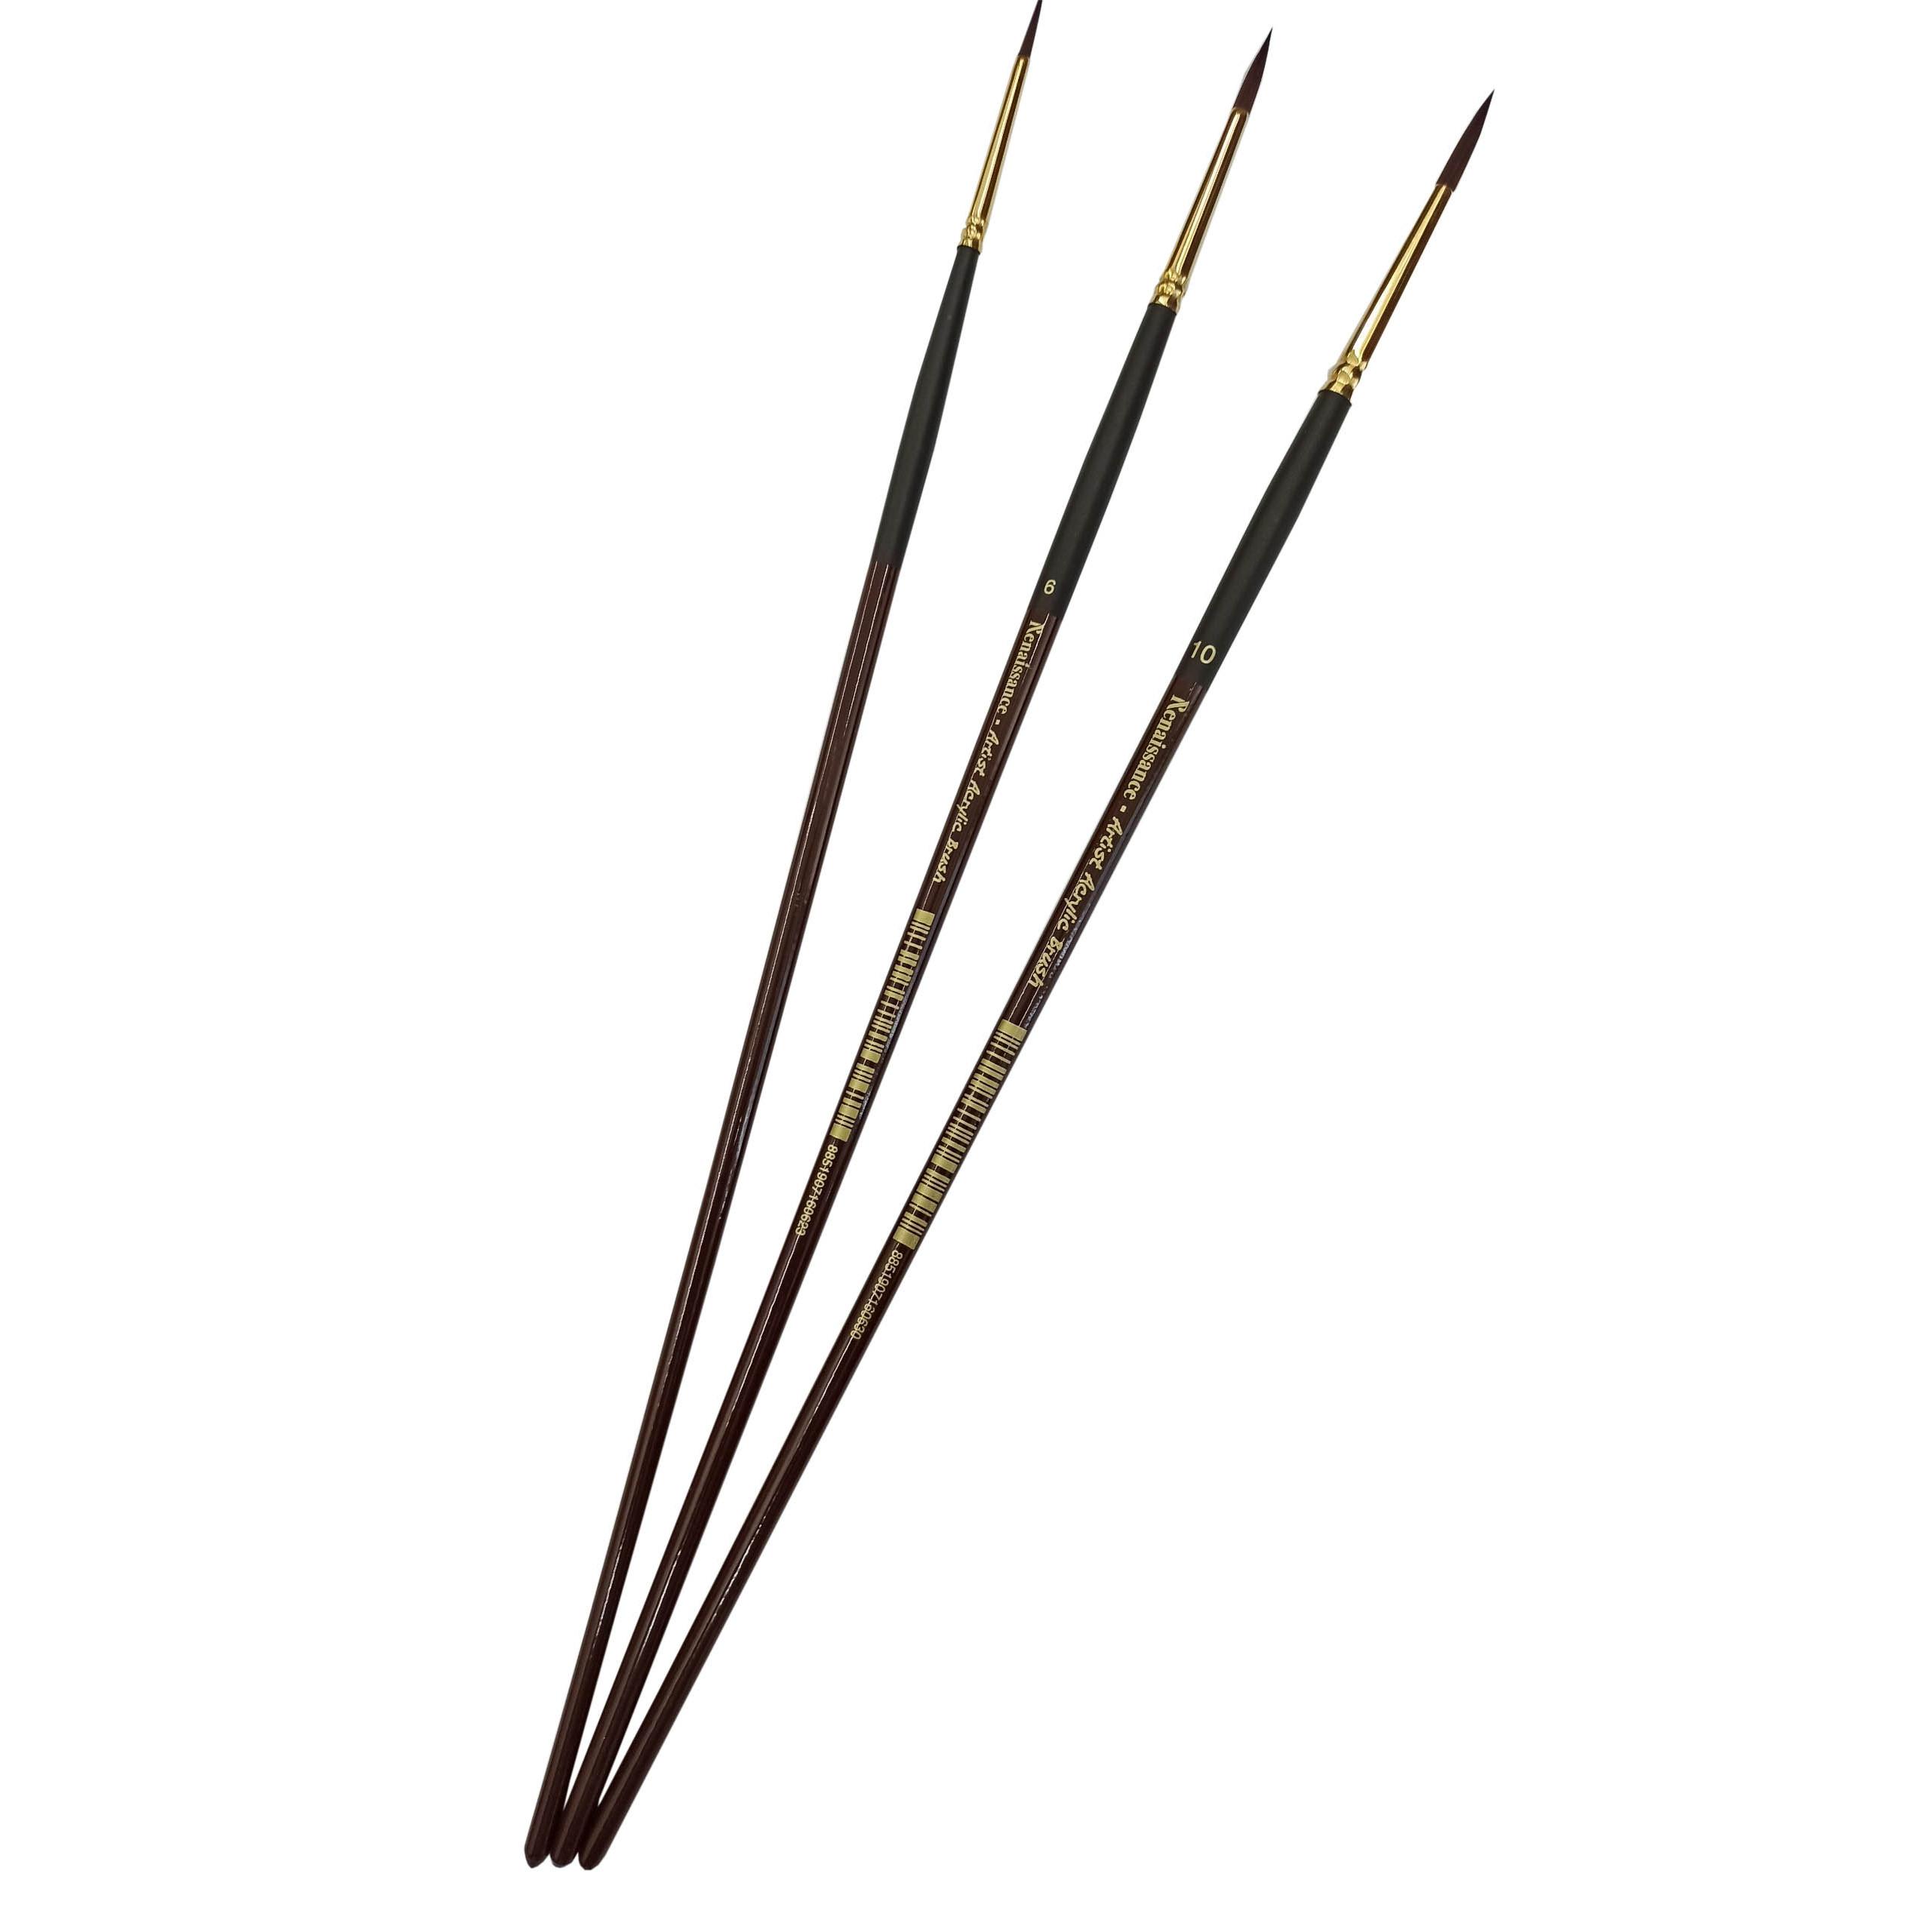 Bộ 3 cây bút cọ Acrylic tròn Renaissance cao cấp (2/6/10)